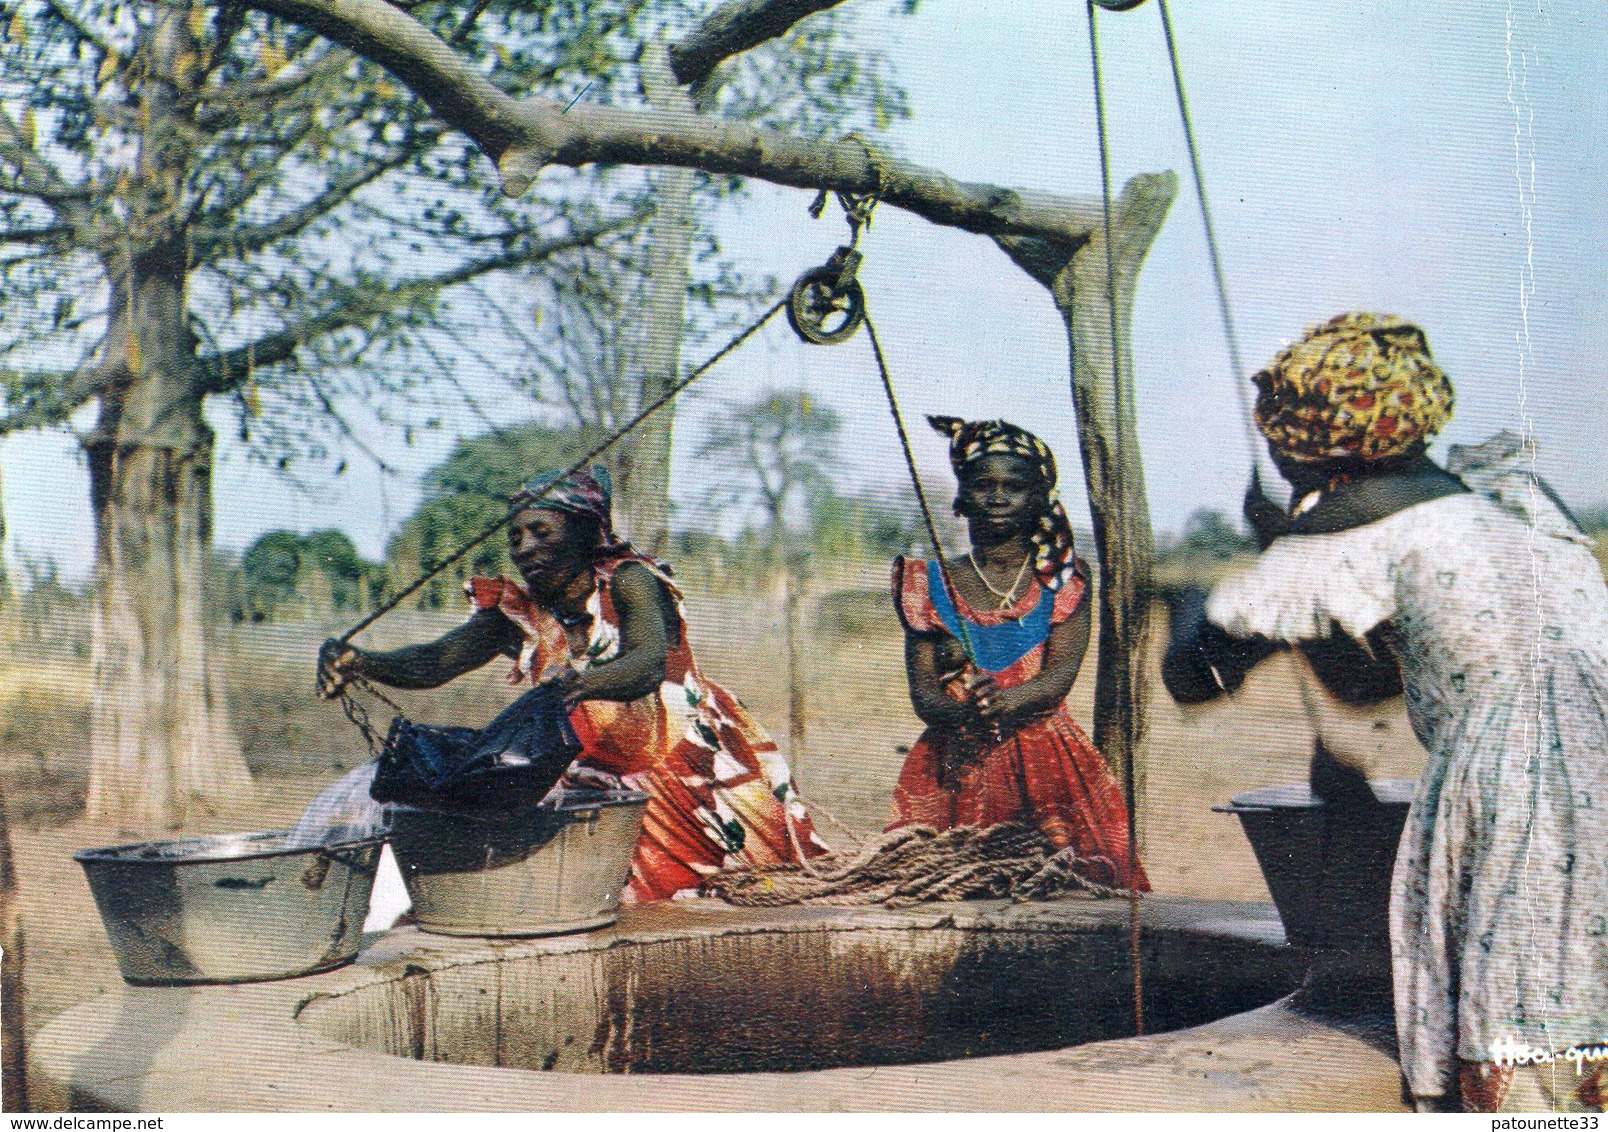 L' AFRIQUE EN COULEURS AUTOUR DU PUITS CARTE PHOTO - Cartes Postales